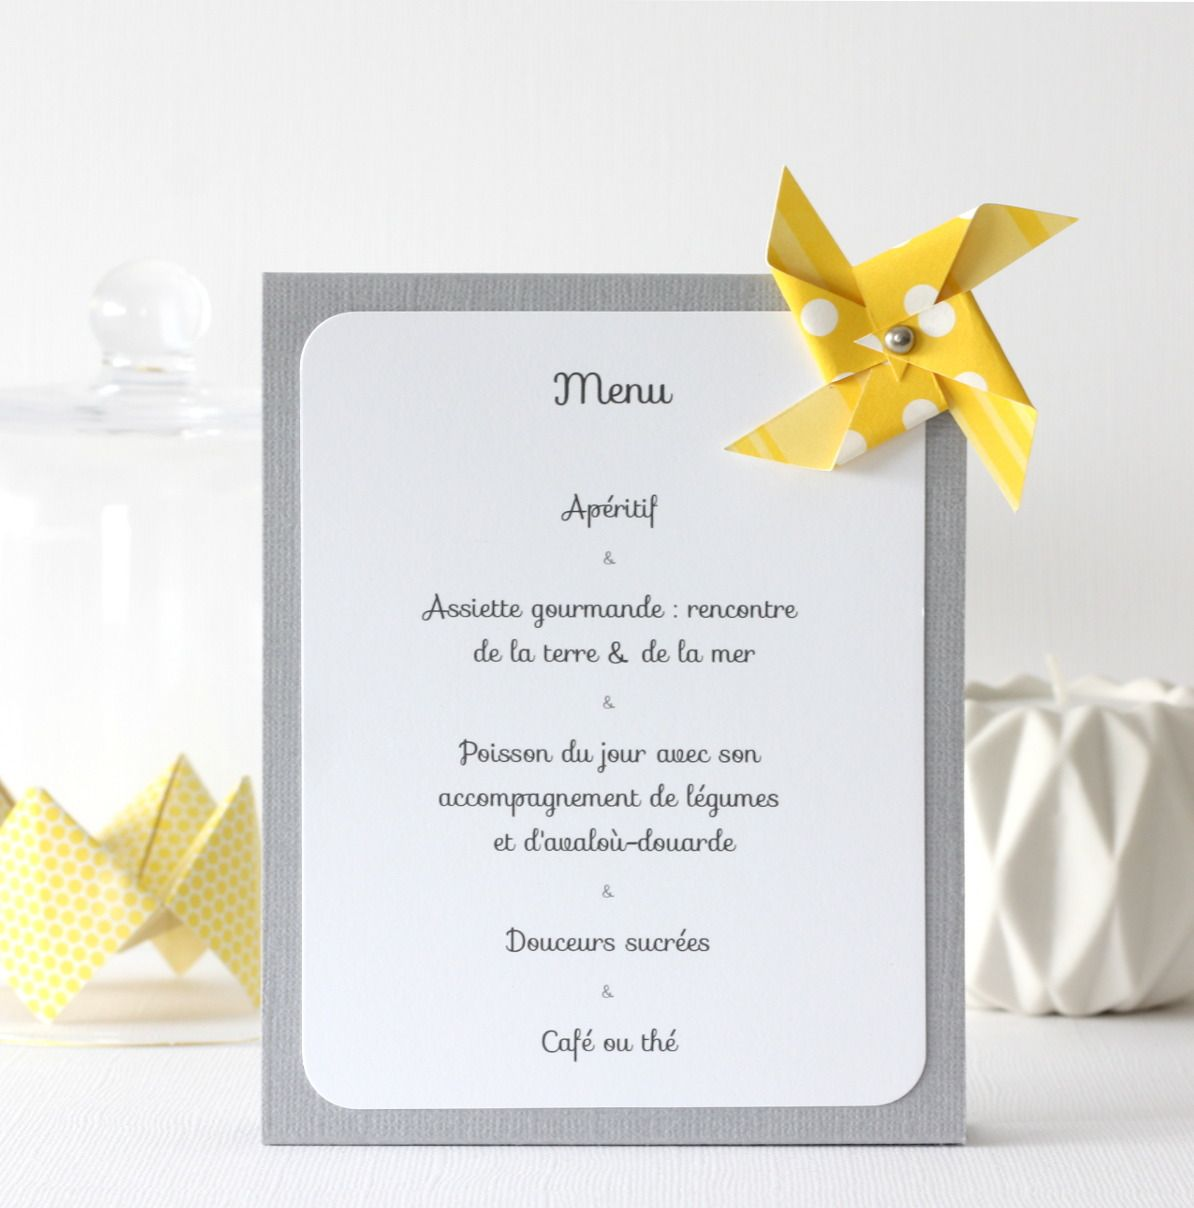 menu de table th me moulins vent pour bapt me anniversaire coloris gris et jaune bapt me. Black Bedroom Furniture Sets. Home Design Ideas